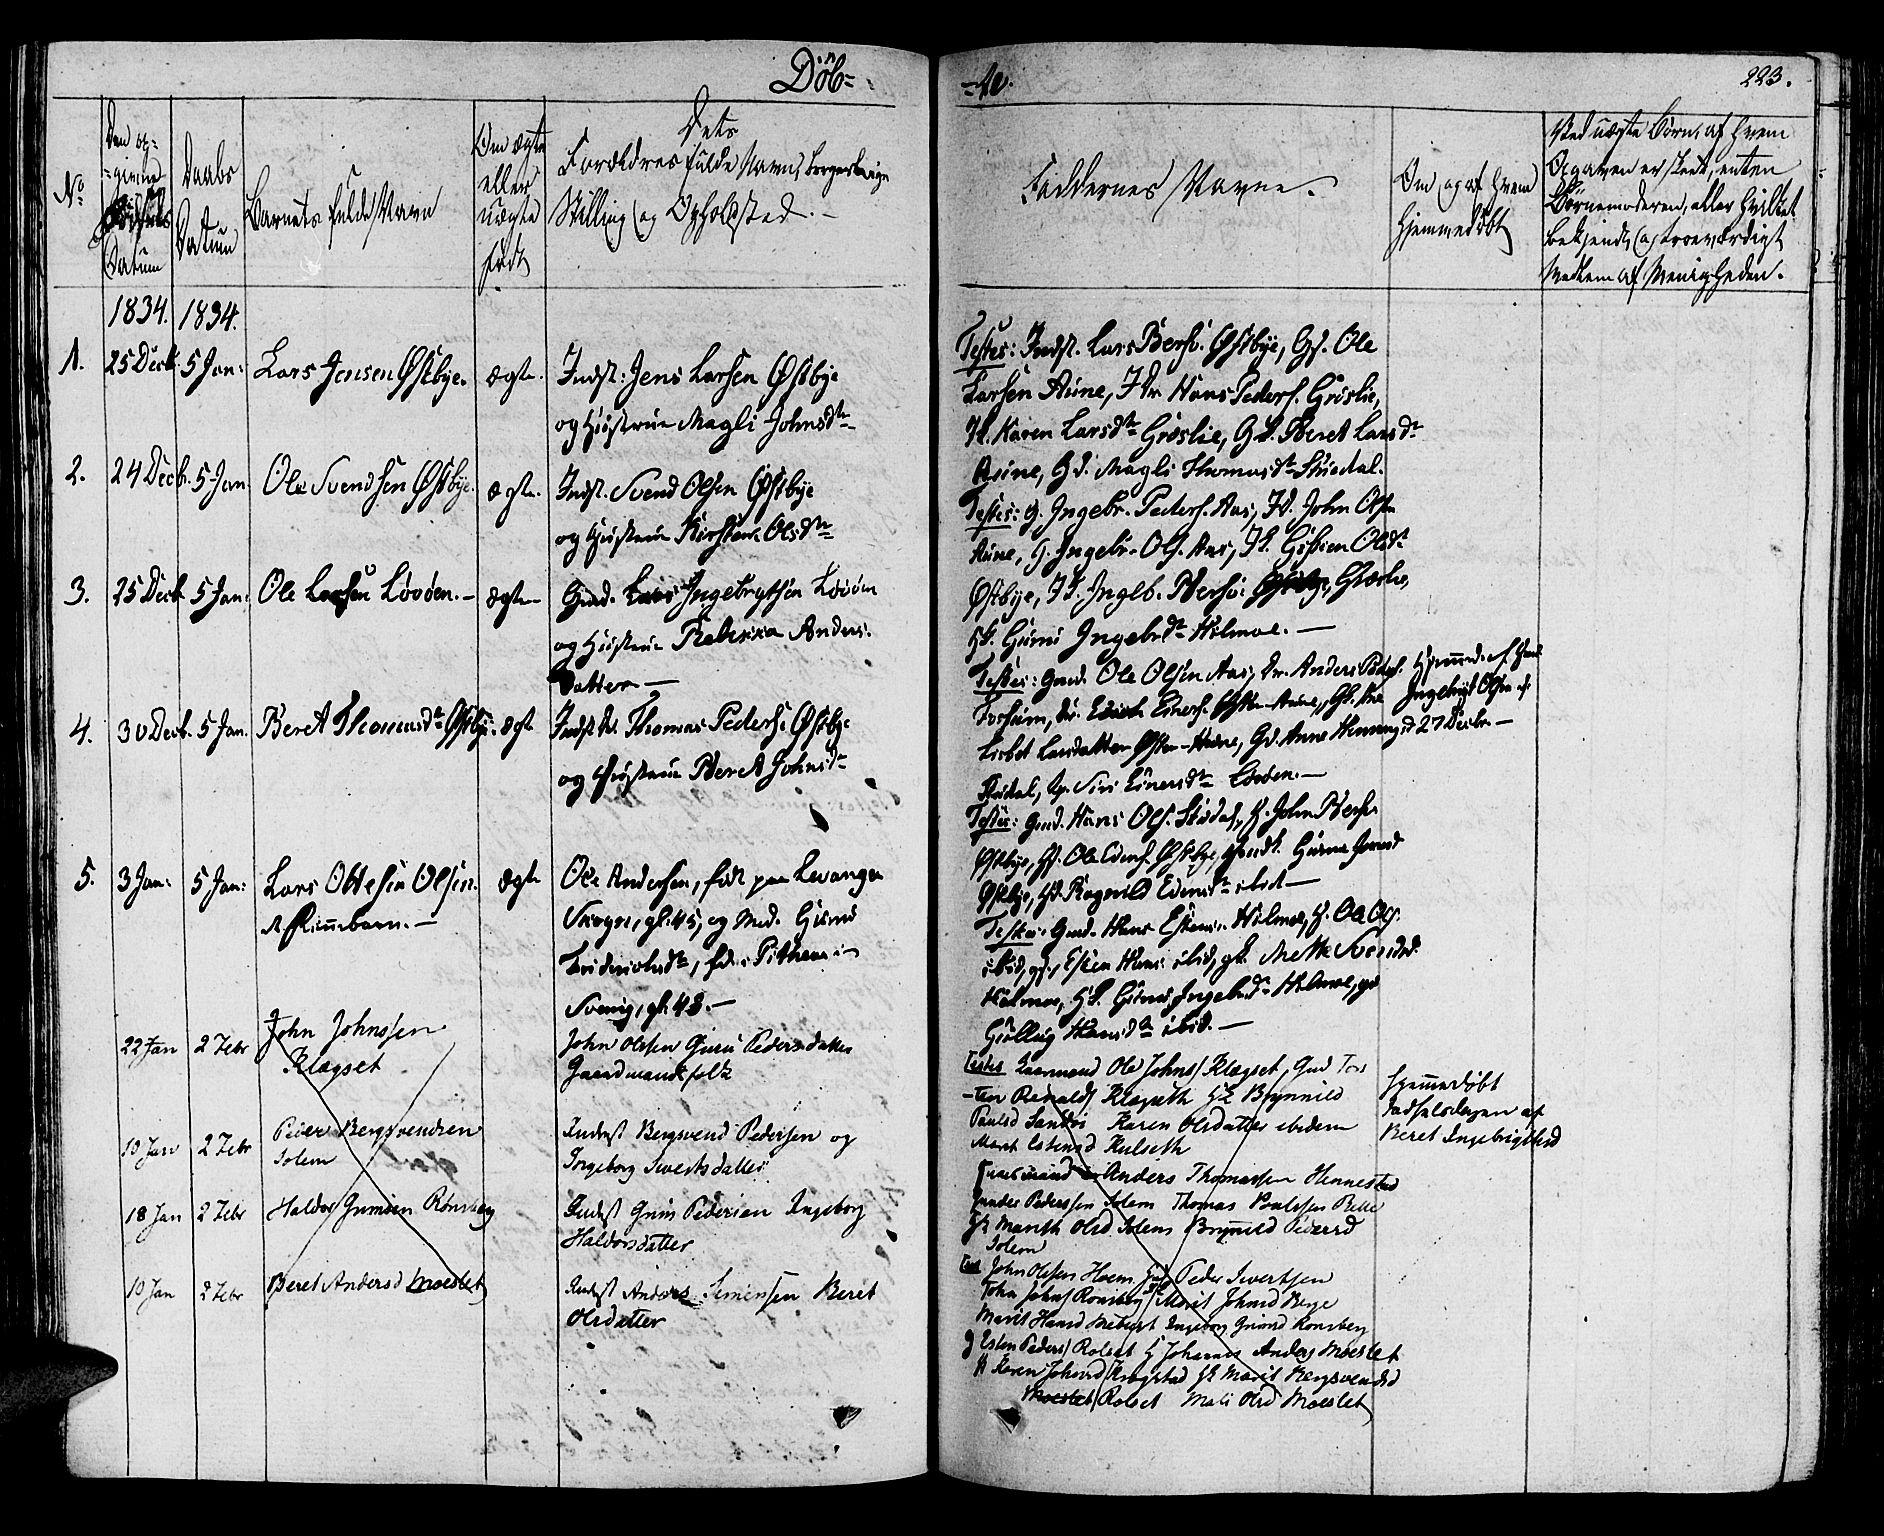 SAT, Ministerialprotokoller, klokkerbøker og fødselsregistre - Sør-Trøndelag, 695/L1144: Ministerialbok nr. 695A05 /2, 1824-1842, s. 223